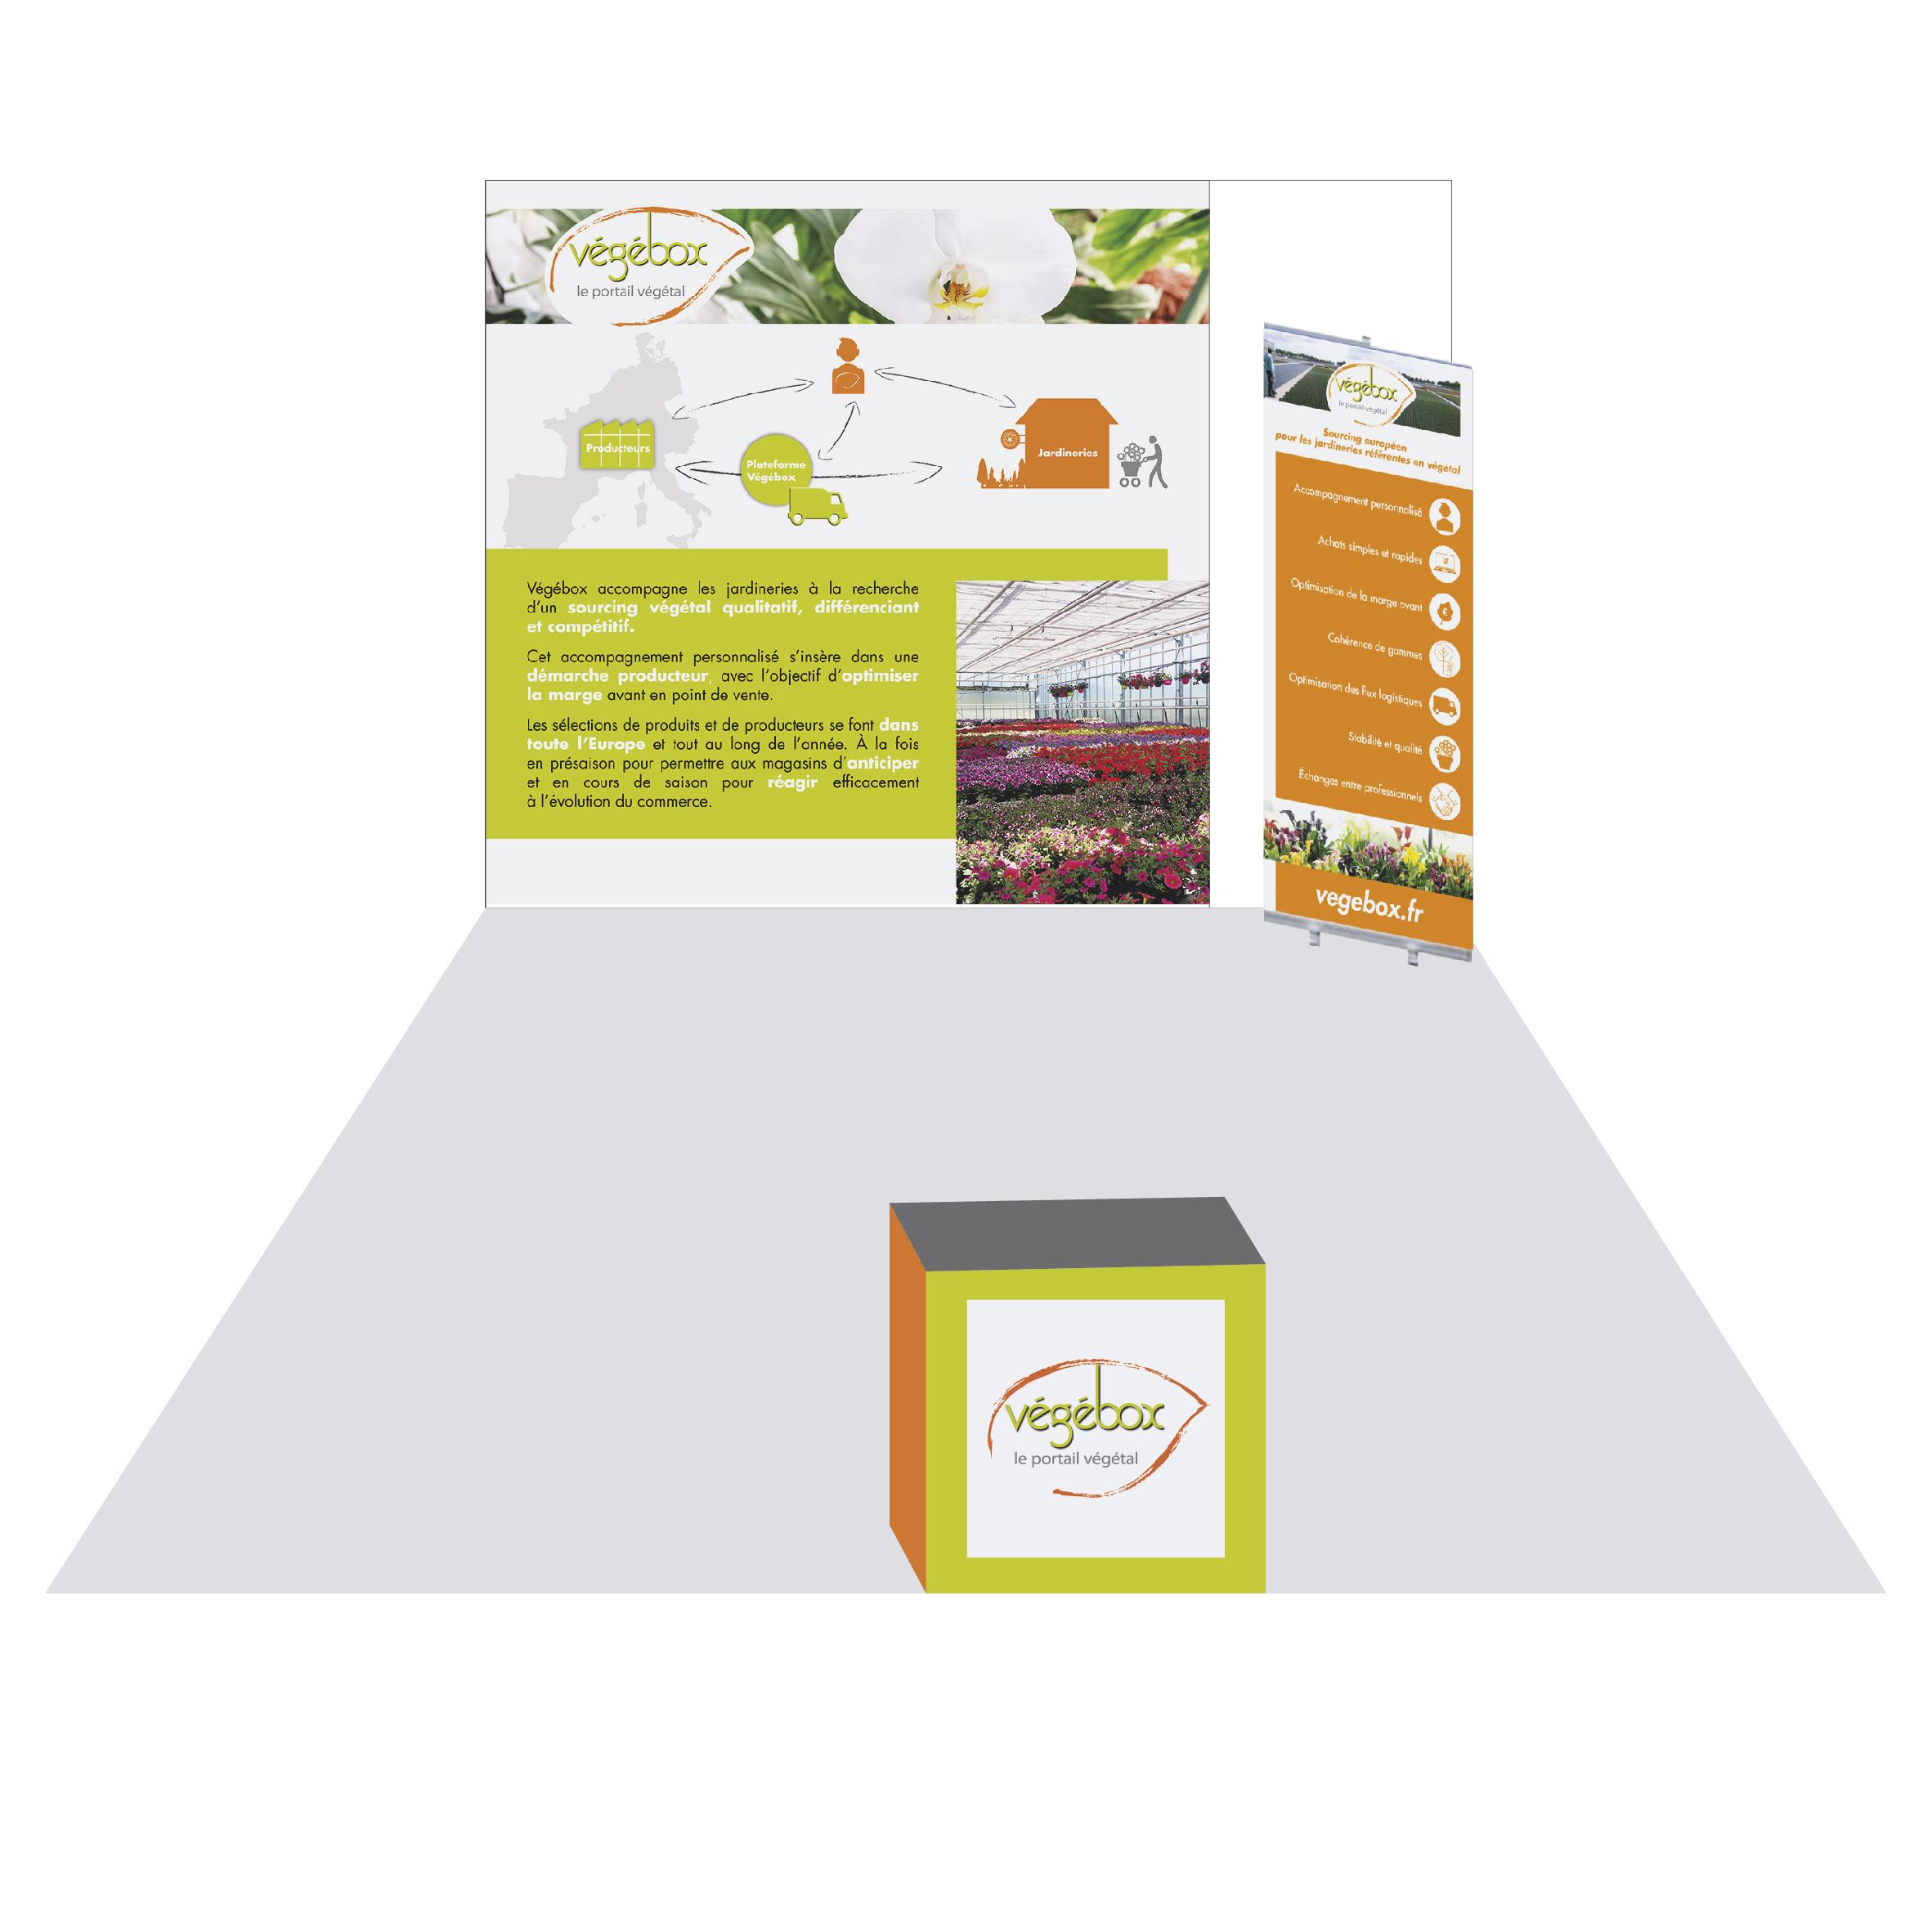 stand vegebox salon du vegetal agence i s communication nantes. Black Bedroom Furniture Sets. Home Design Ideas